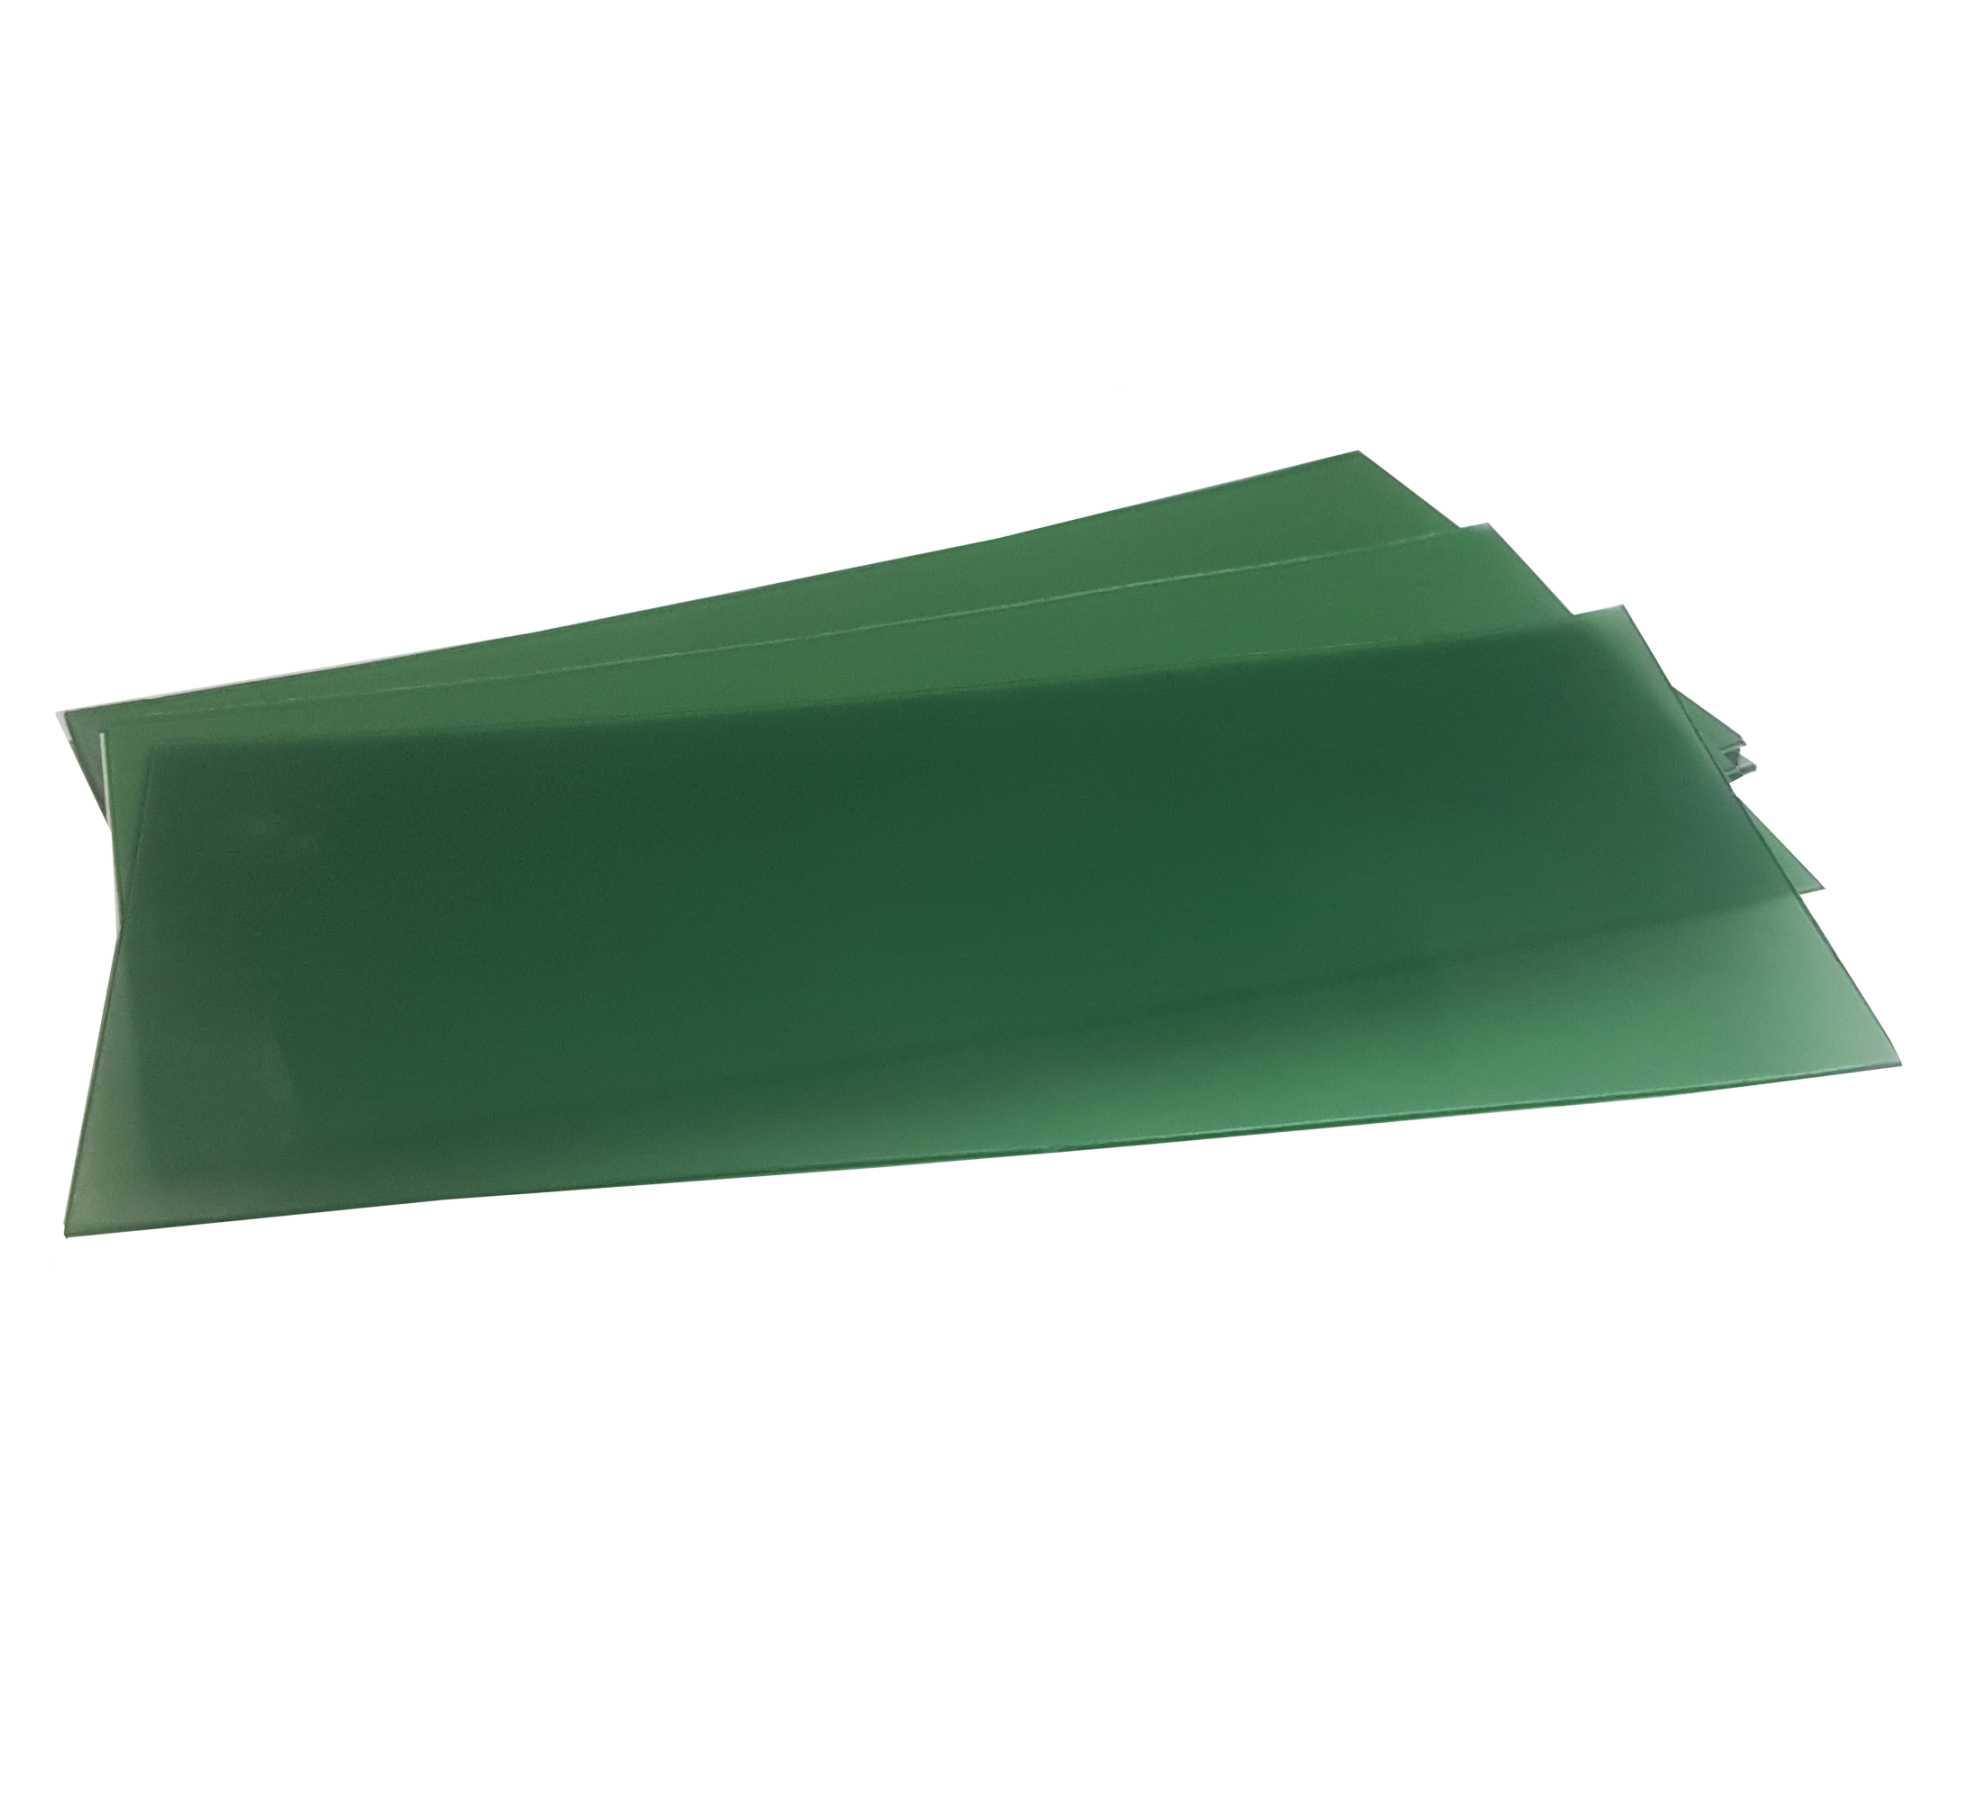 19,10€ Cera laminas verde 0,7mm